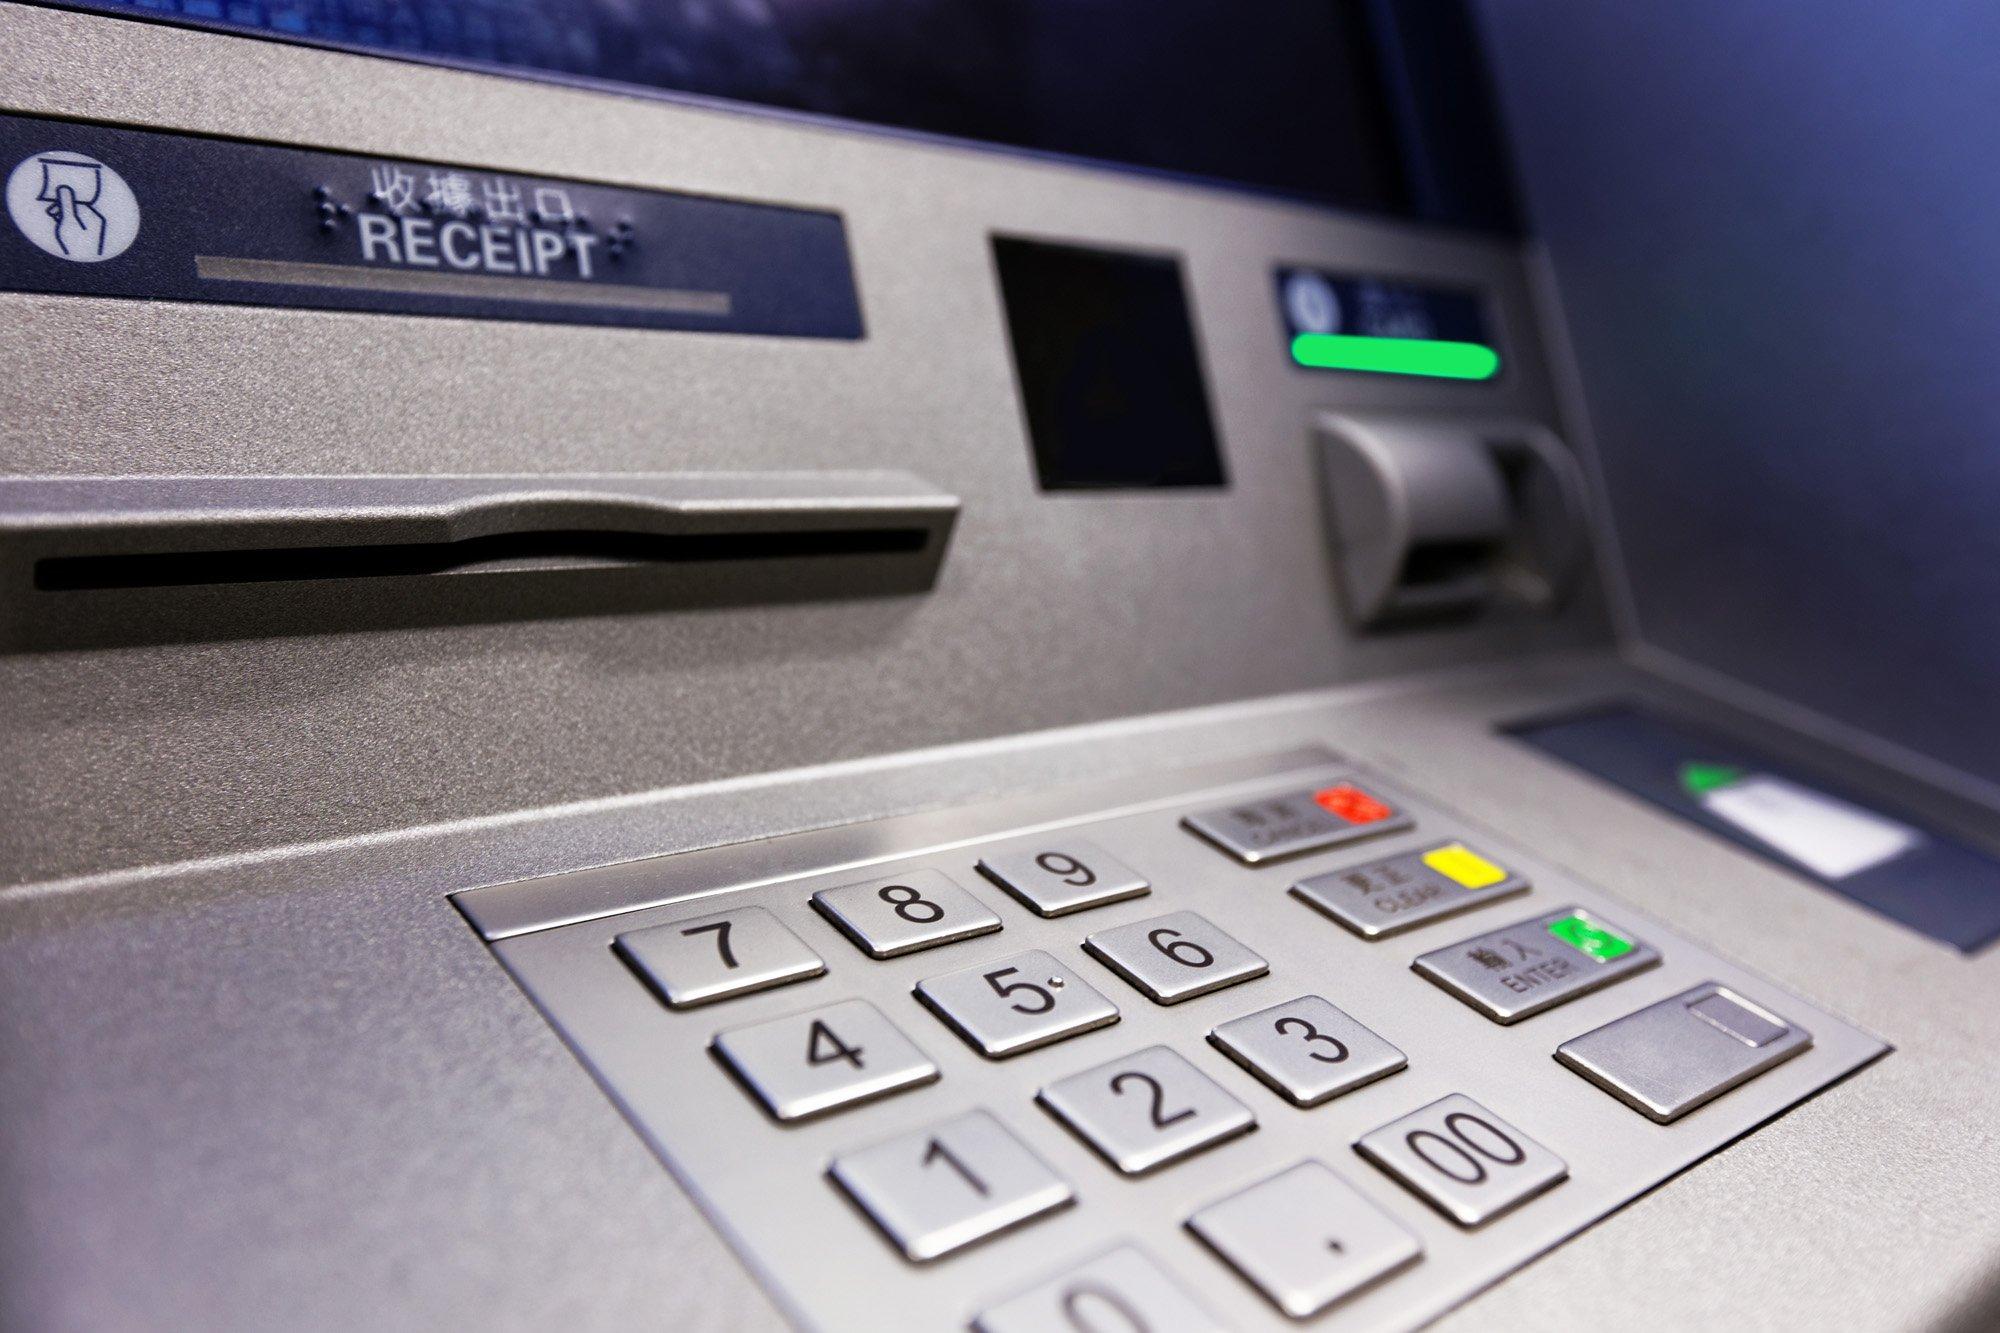 Практически 4,5 млн. украли избанкомата вТРК наЭнгельса